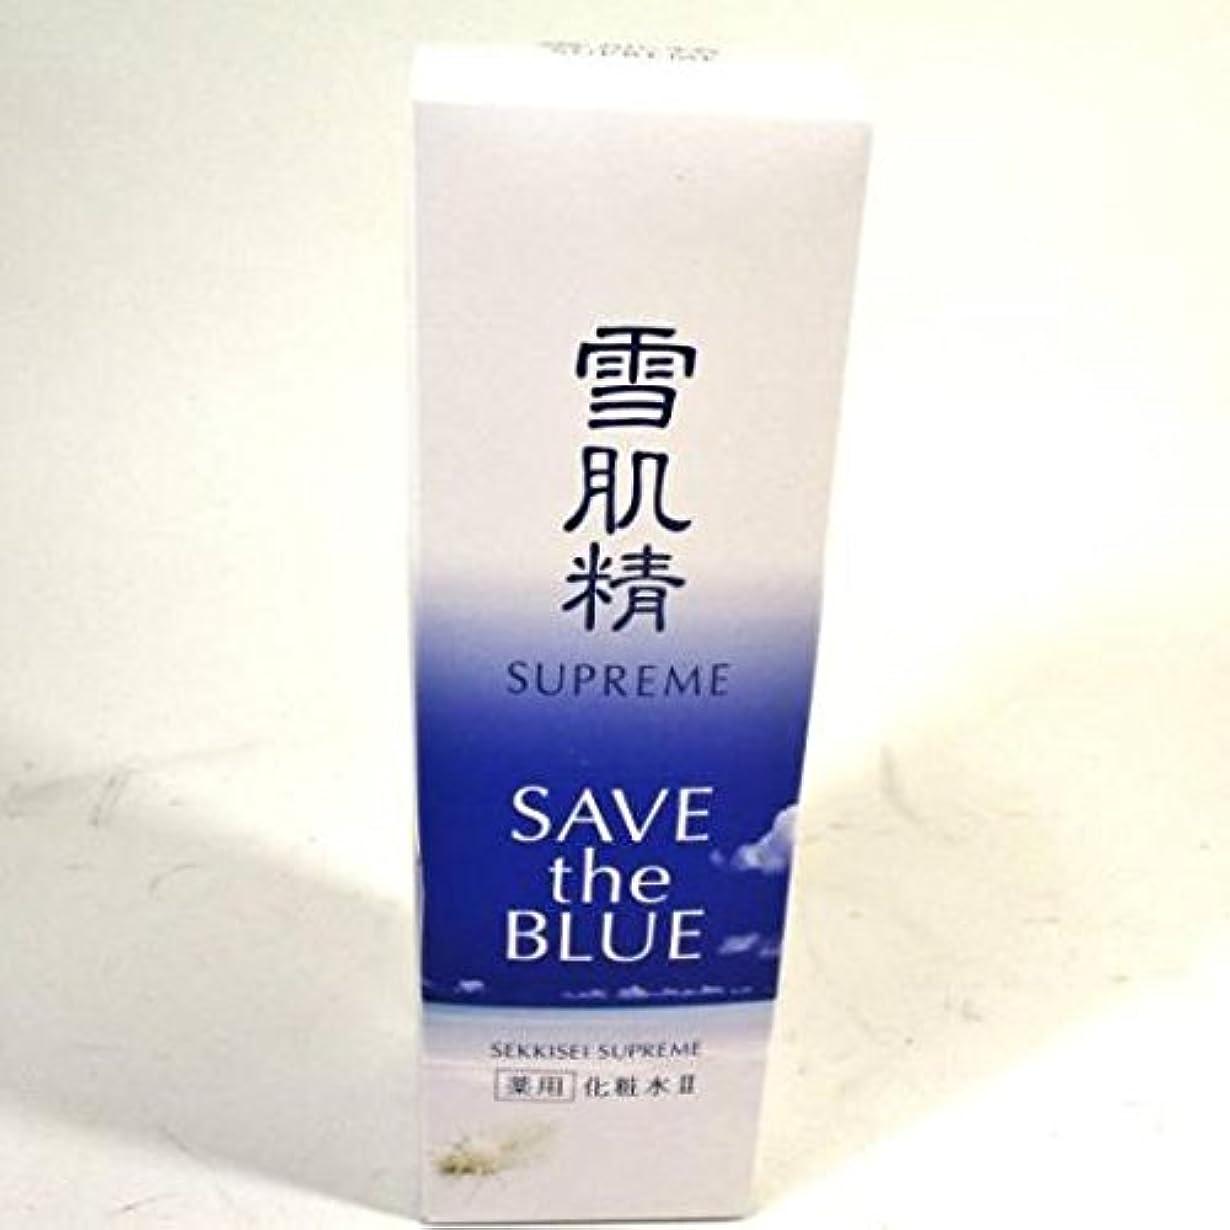 外科医チャンピオン引用コーセー 雪肌精 シュープレム 化粧水 Ⅱ 「SAVE the BLUE」 400ml